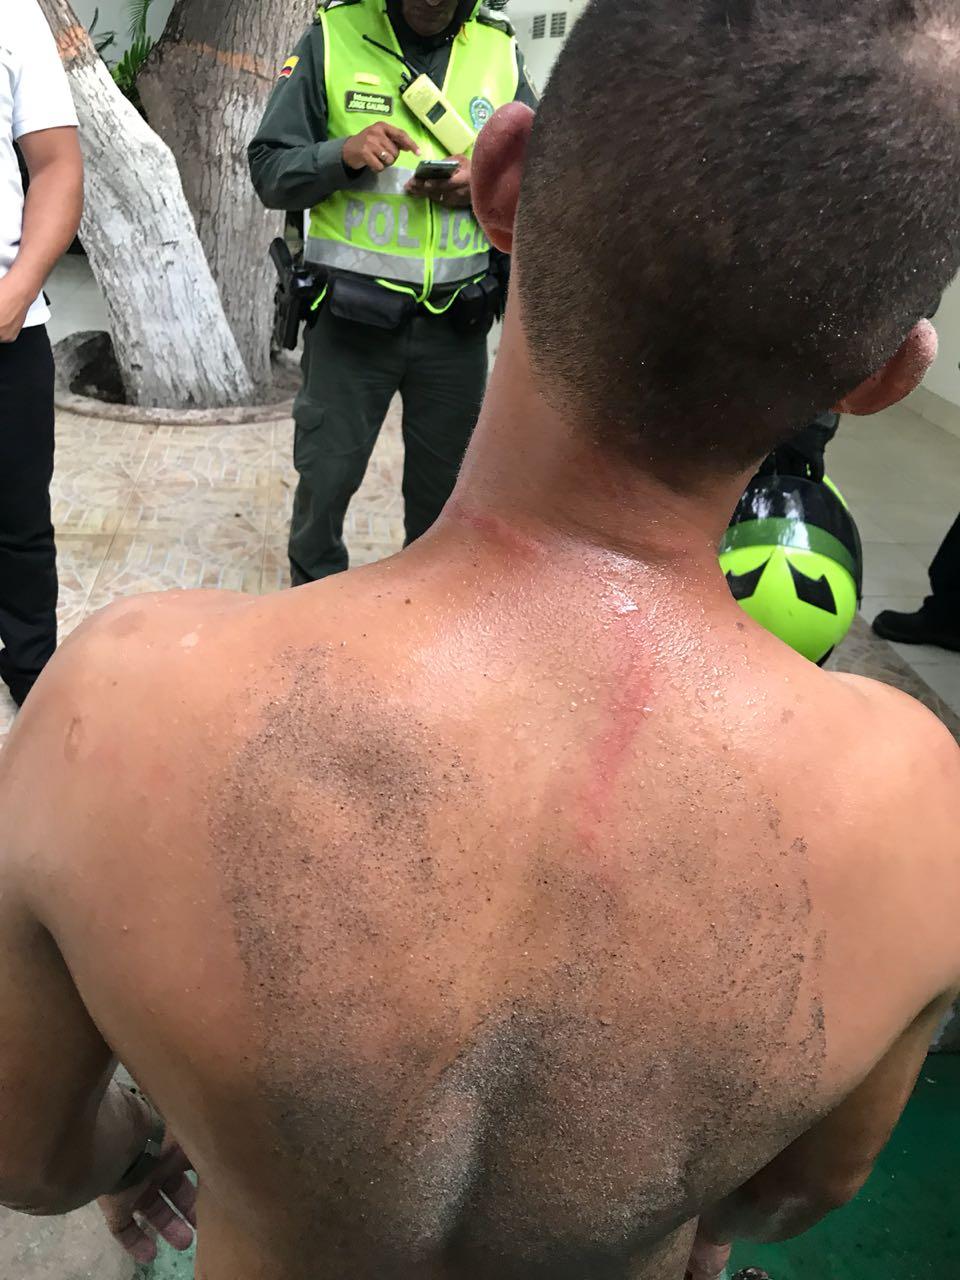 El turista golpeado.